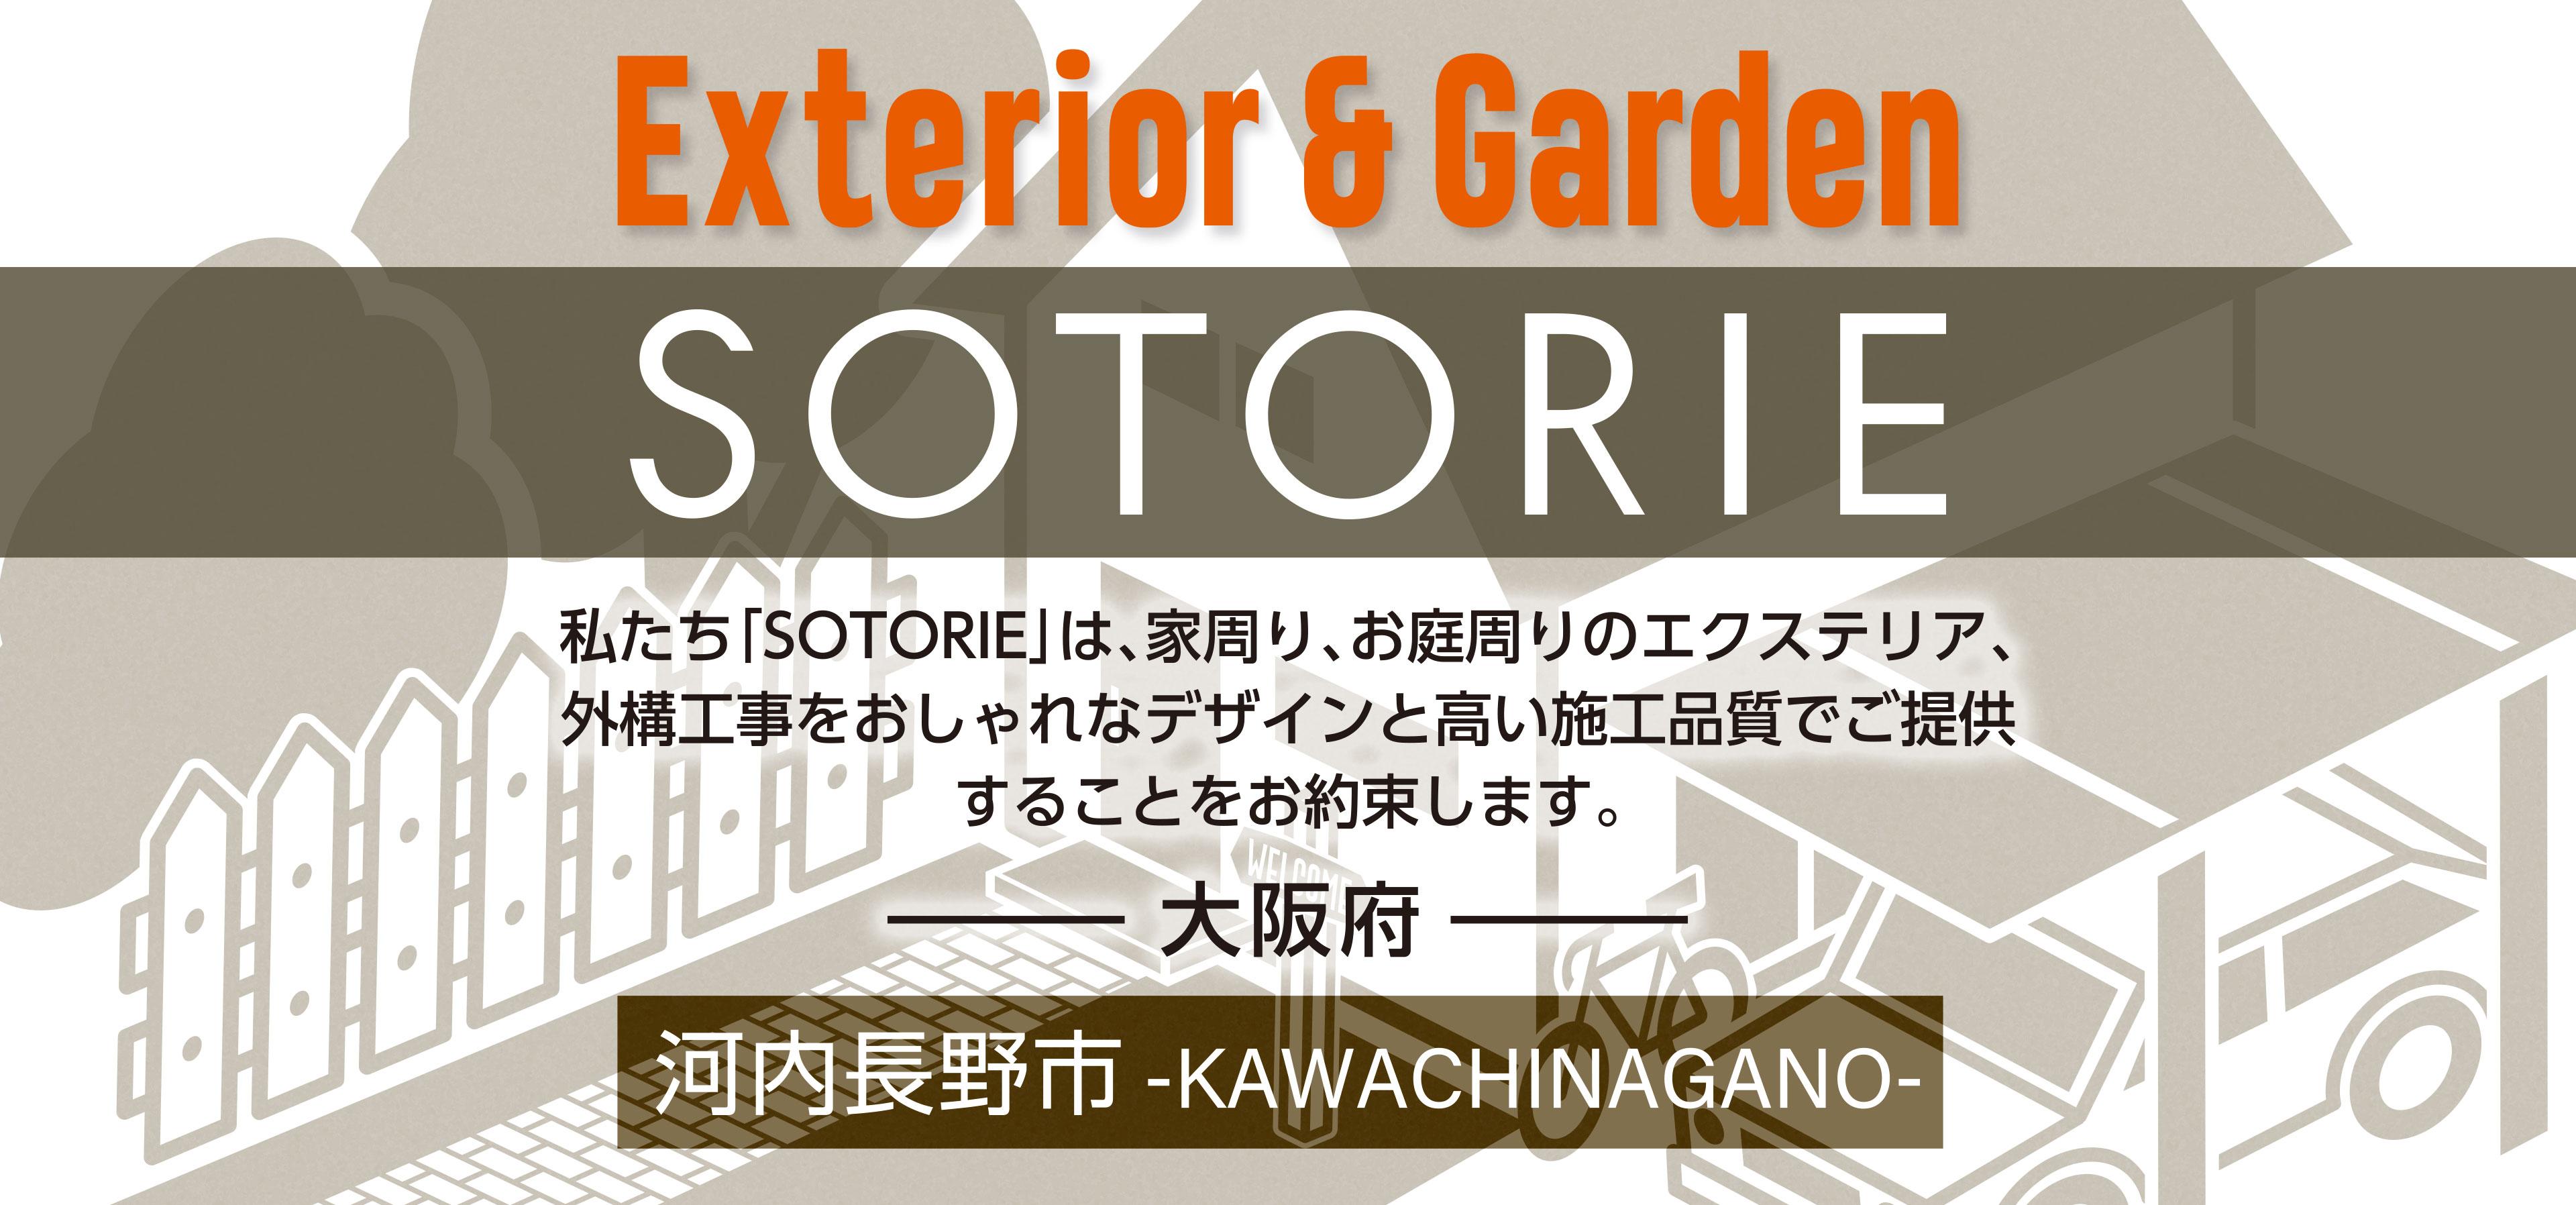 ソトリエ河内長野市では、家周りと庭周りの外構、エクステリア工事をおしゃれなデザインと高い施工品質でご提供することをお約束します。